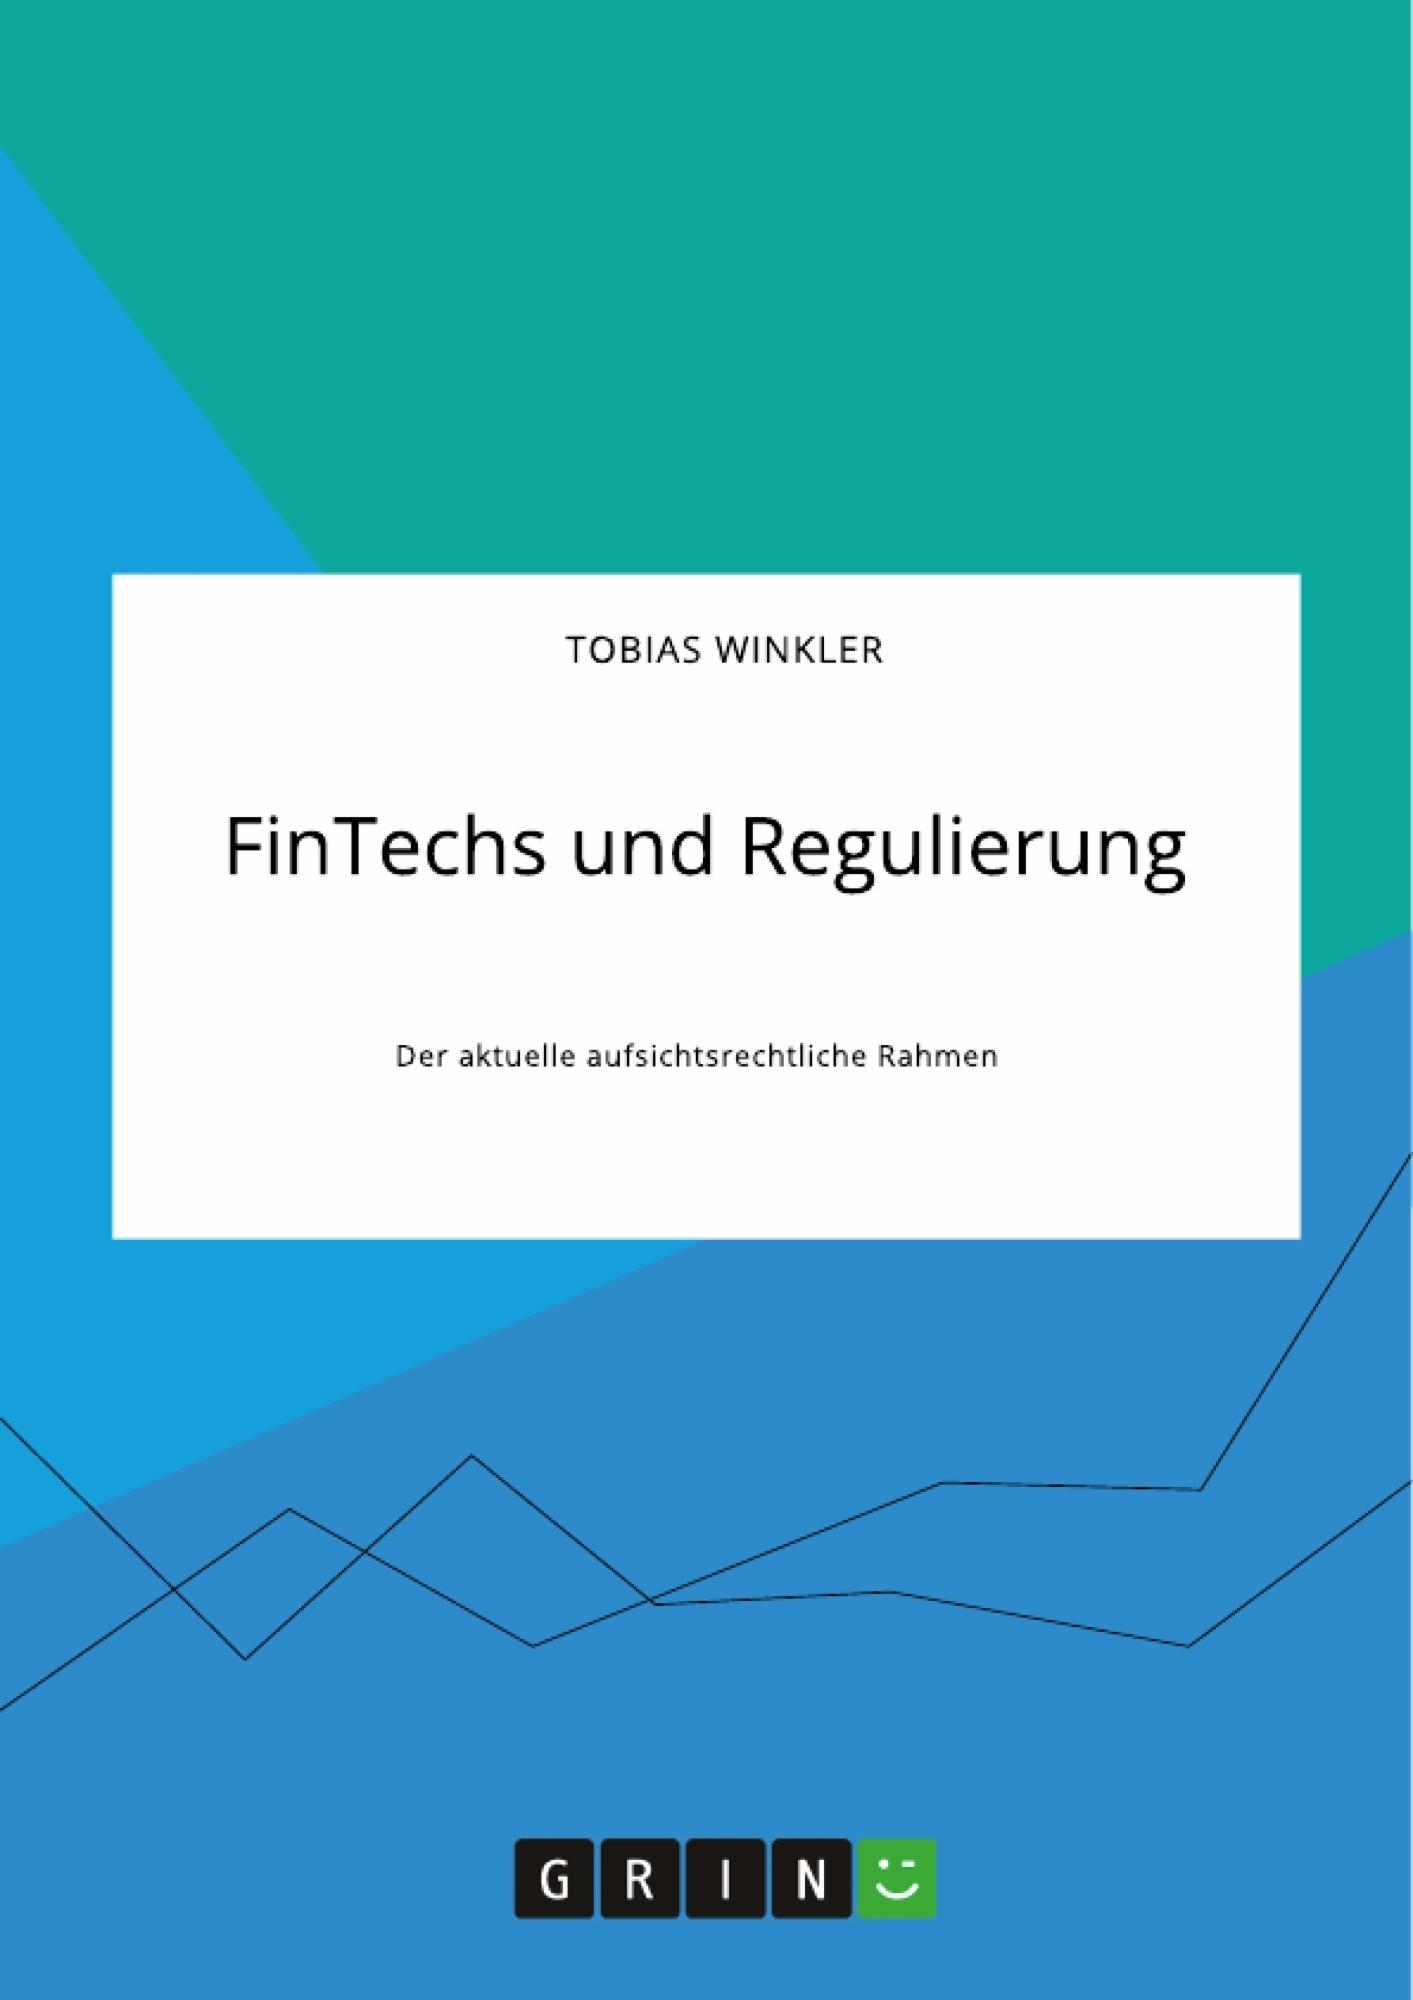 Titel: FinTechs und Regulierung. Der aktuelle aufsichtsrechtliche Rahmen